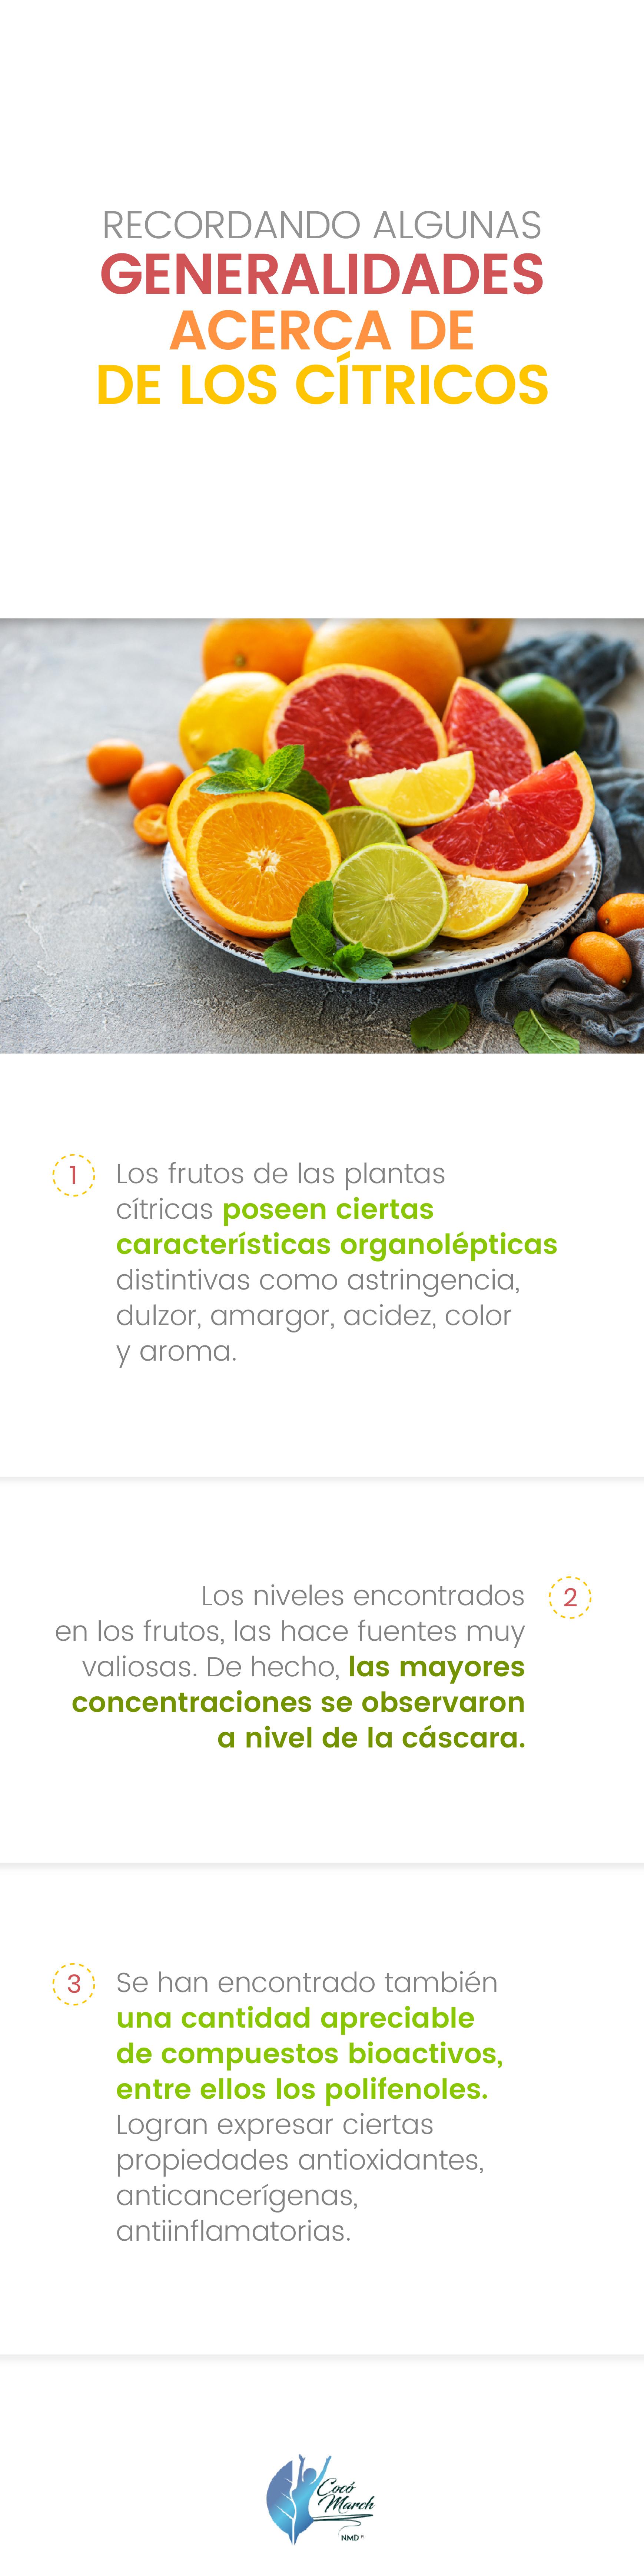 generalidades-de-los-citricos